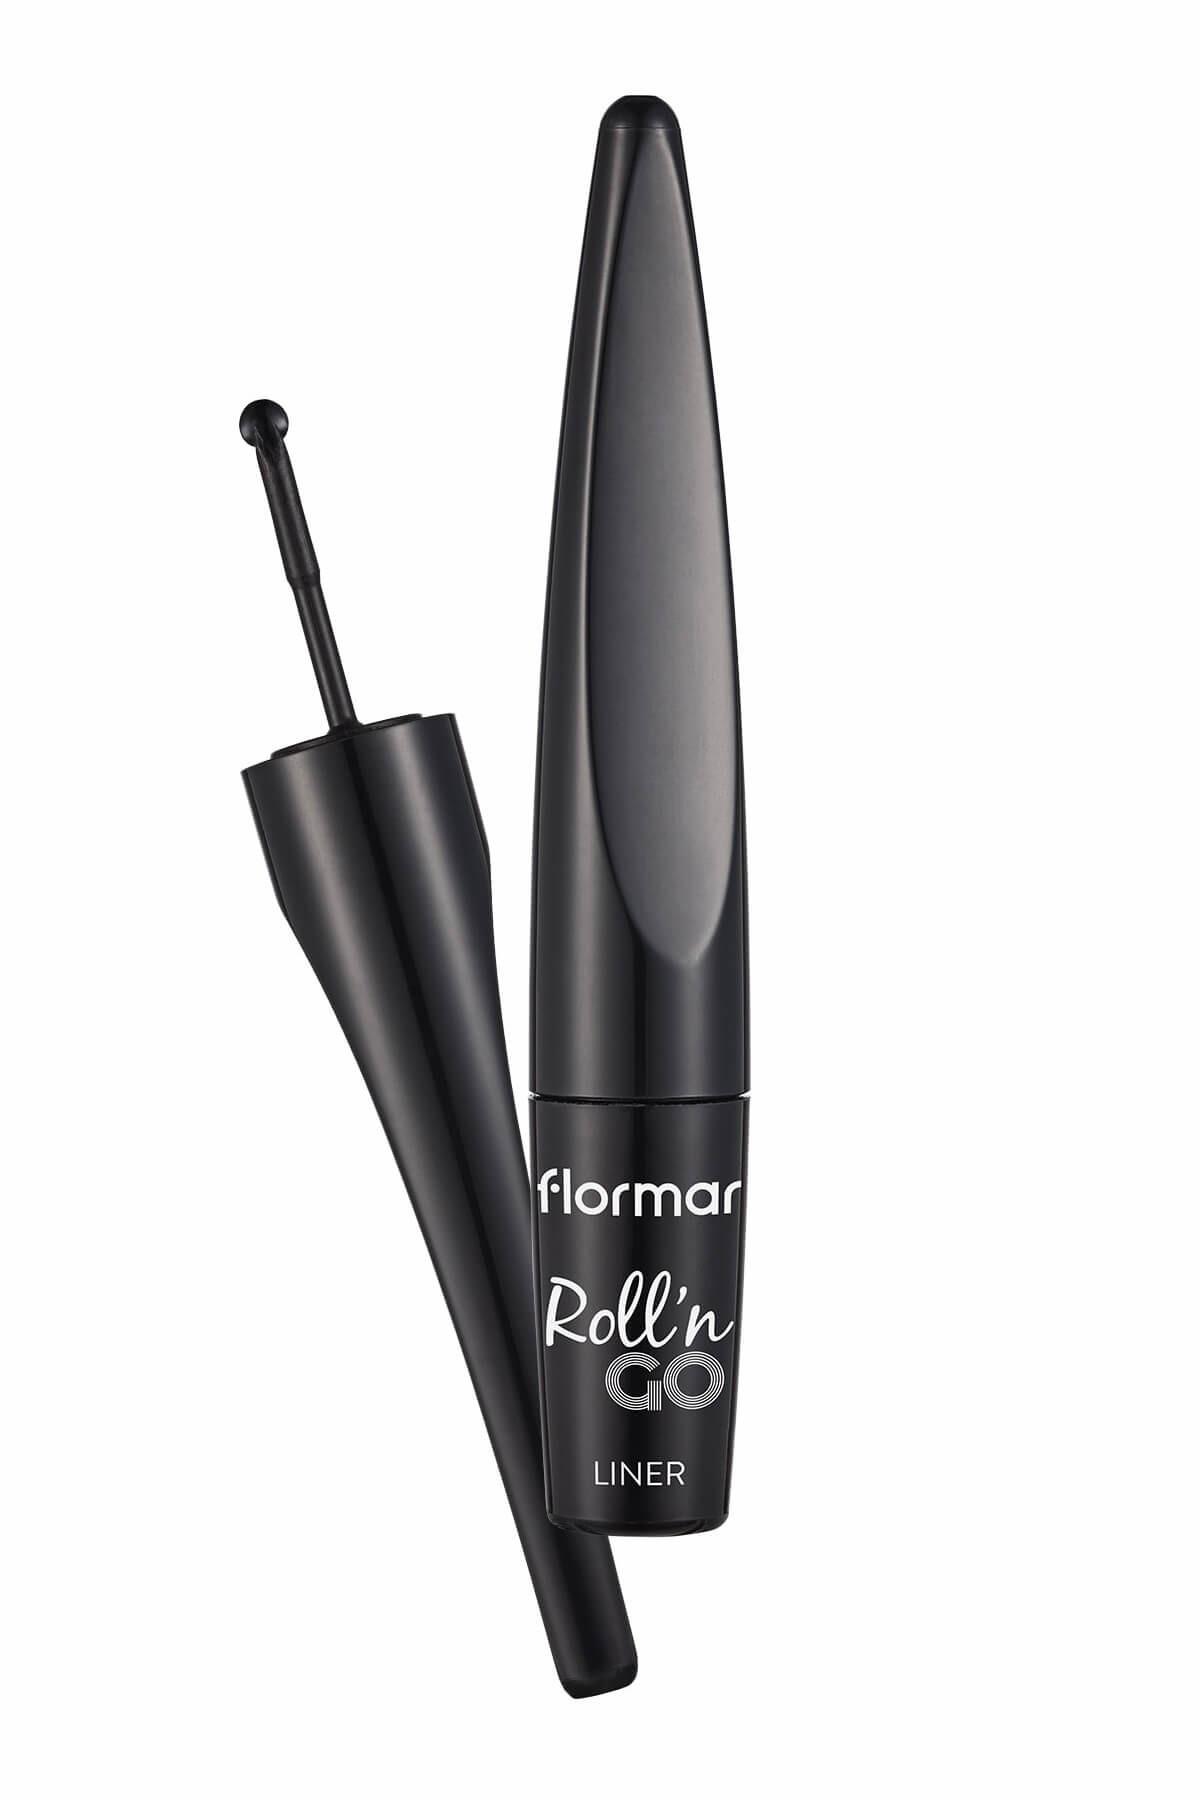 Flormar Disk Uçlu Eyeliner - Roll'n Go Liner Black 8690604545230 1